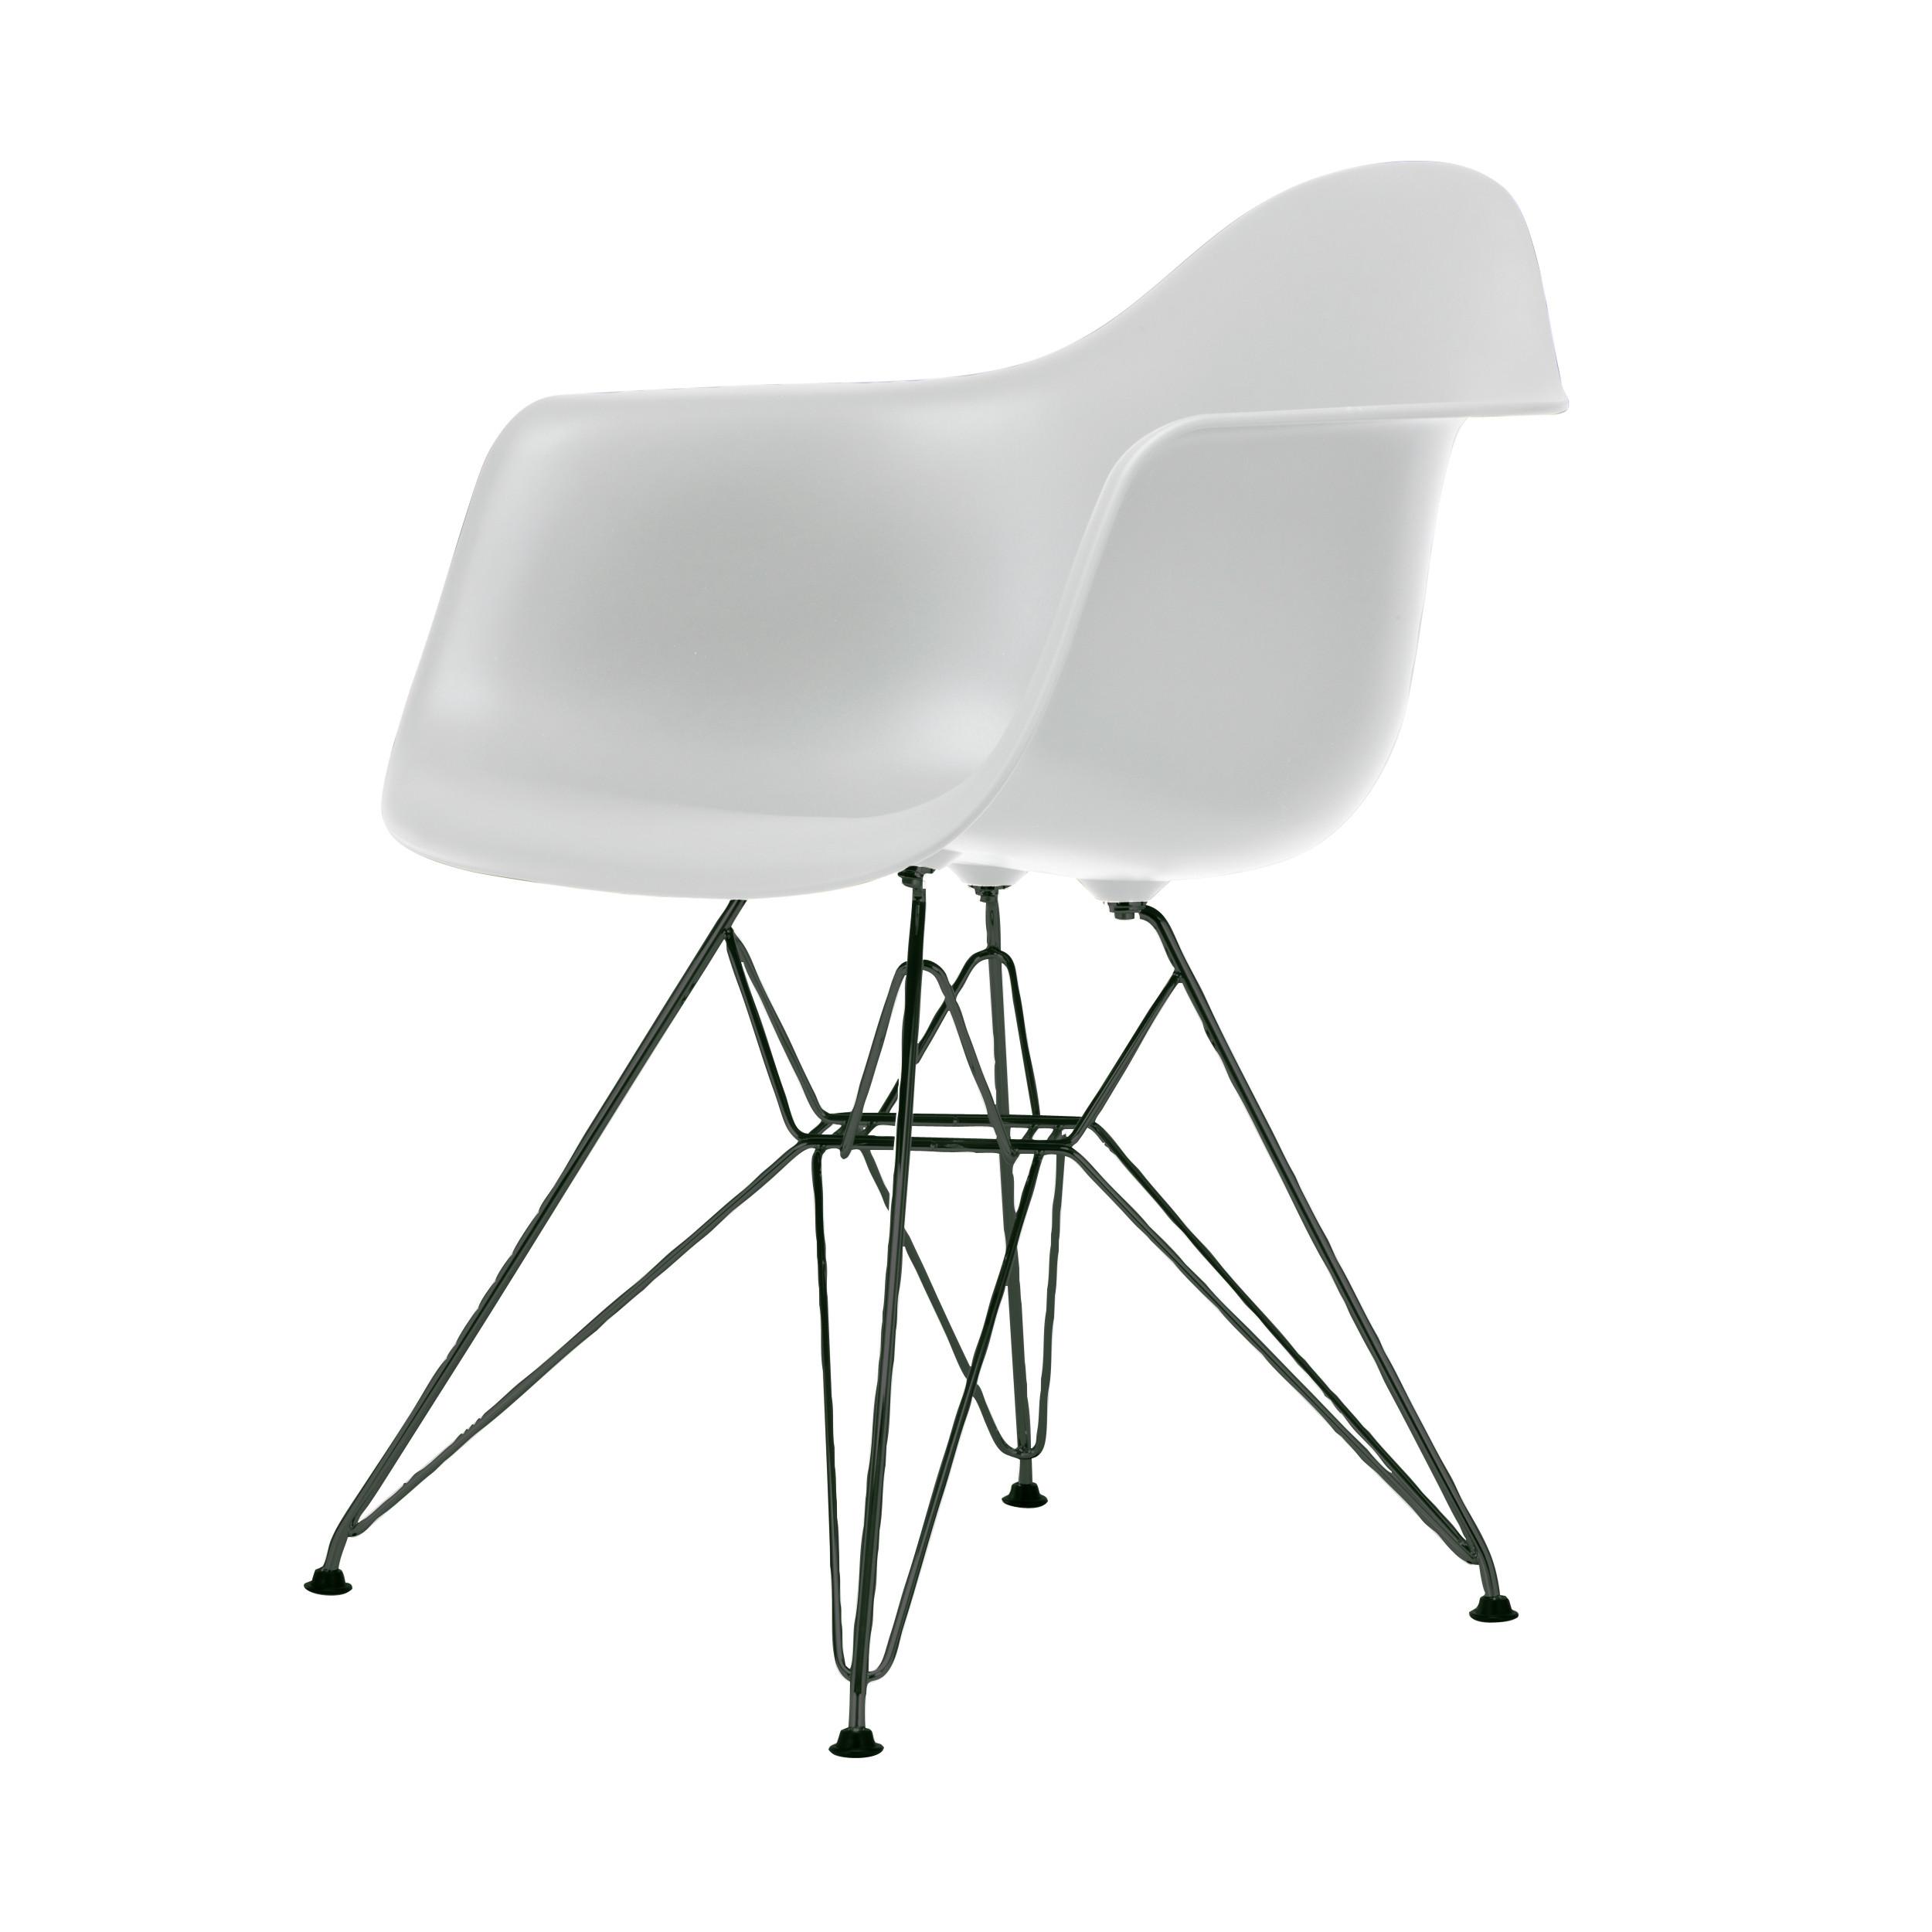 Eames Plastic Armchair Stuhl DAR Mit Filzgleitern Weiss